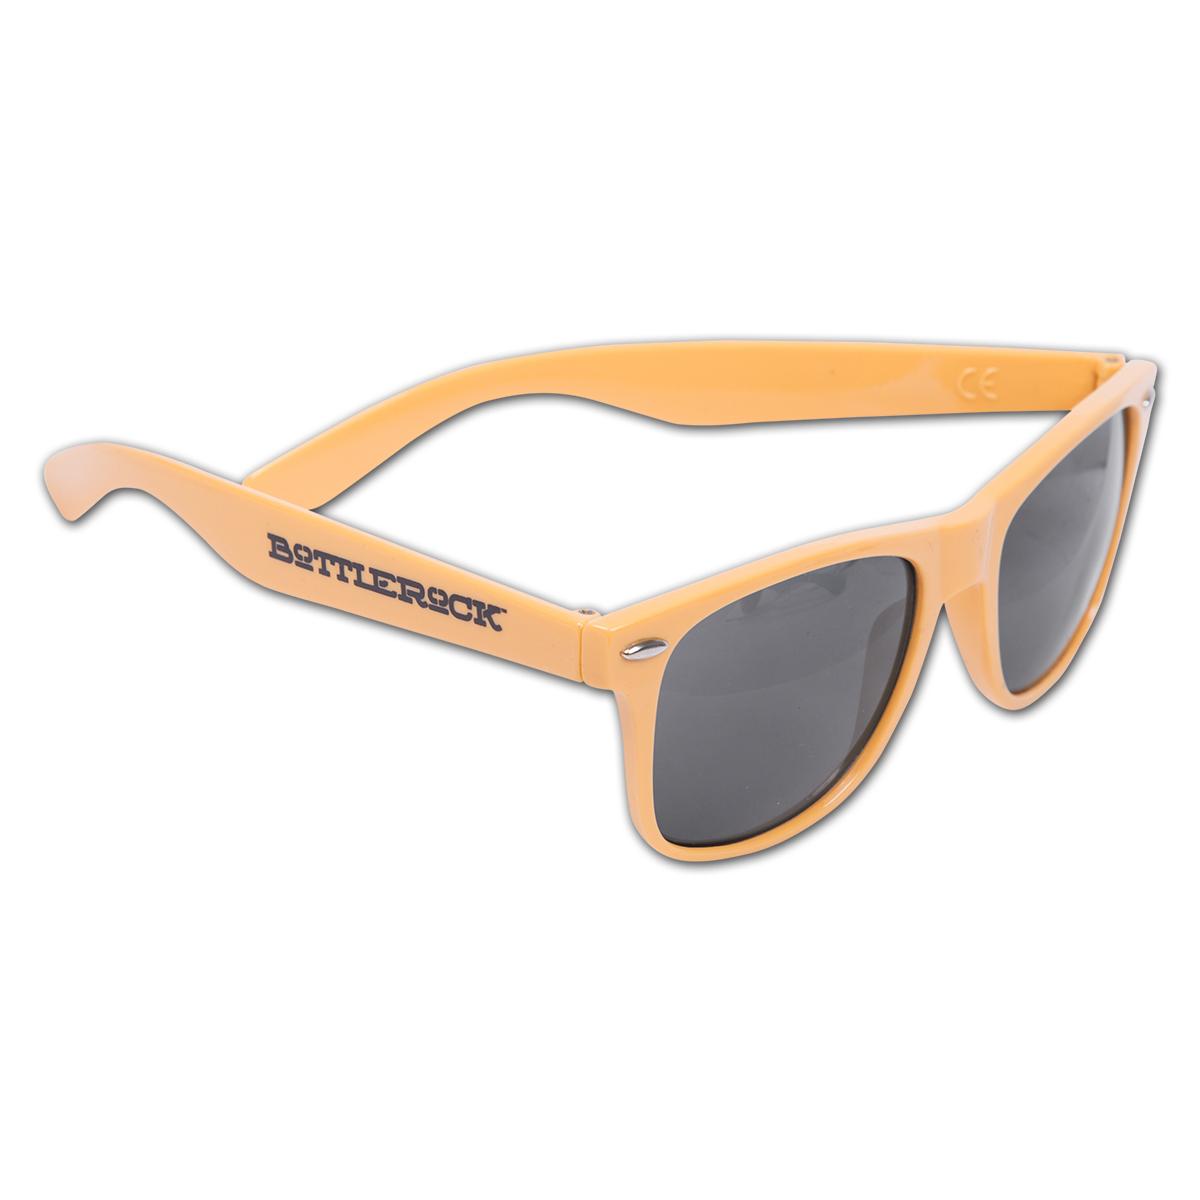 BottleRock Sunglasses - Yellow